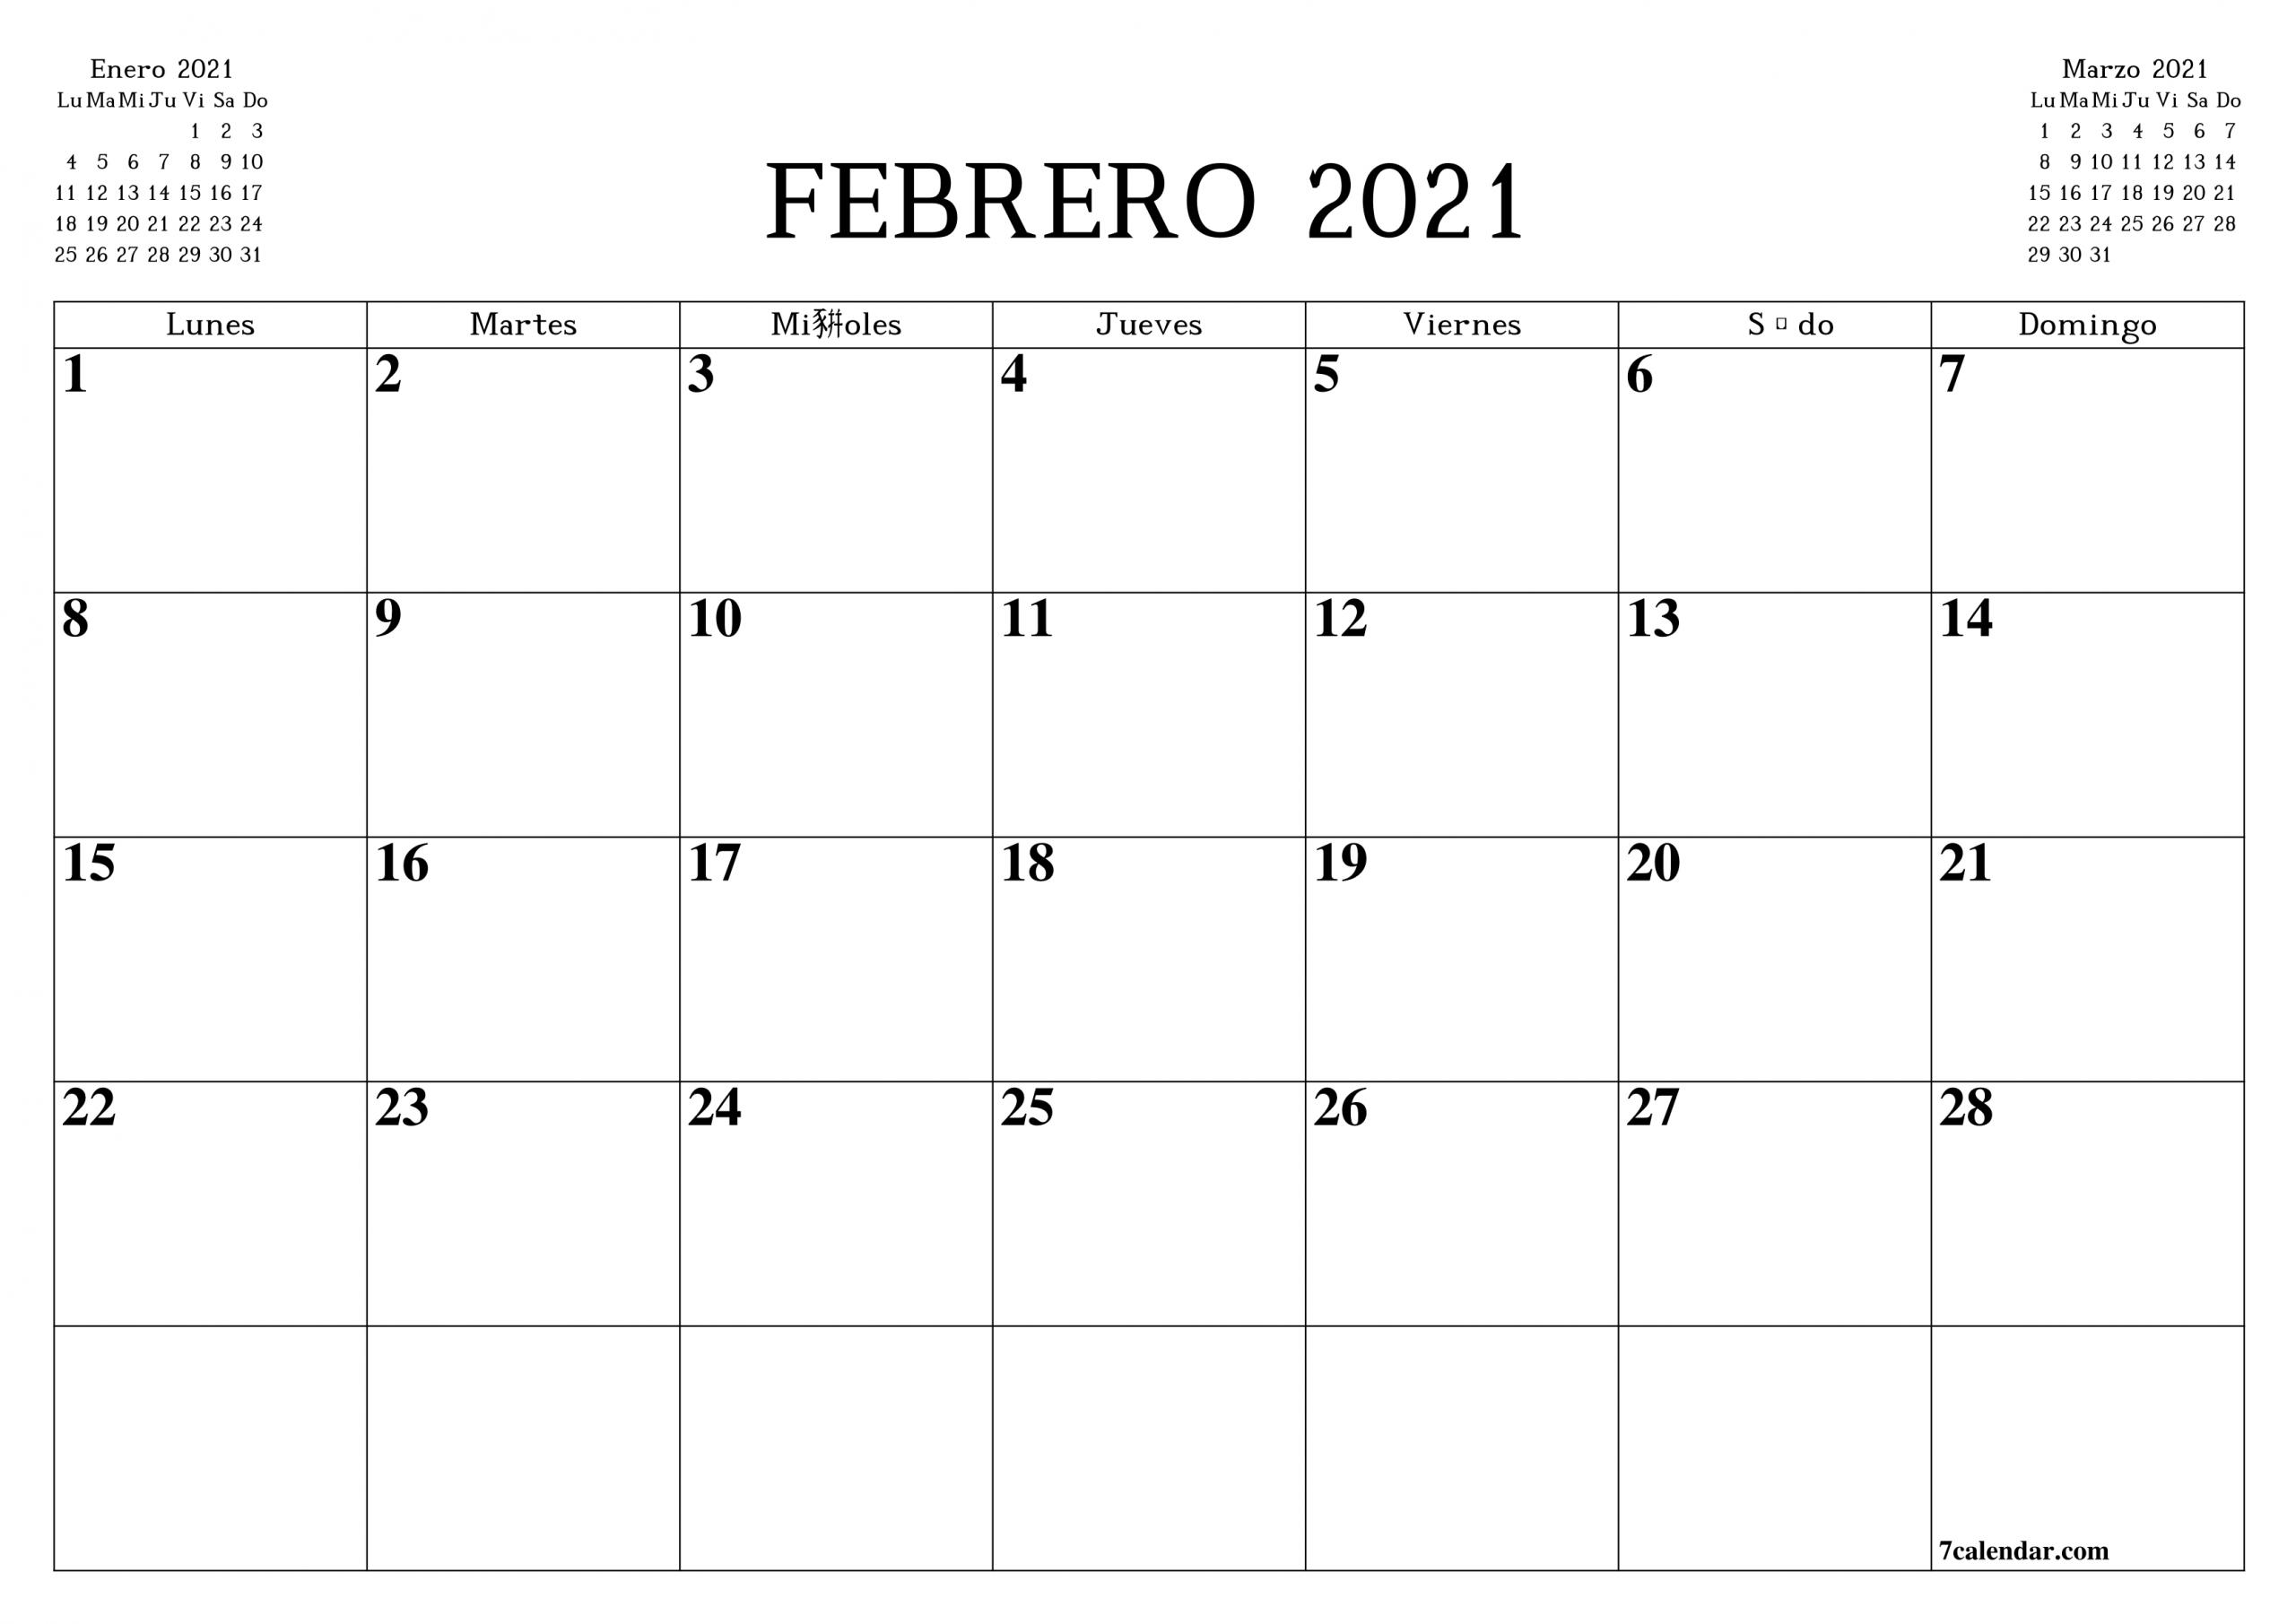 Catch Calendario Semana A3 Para Imprimir Con Horario